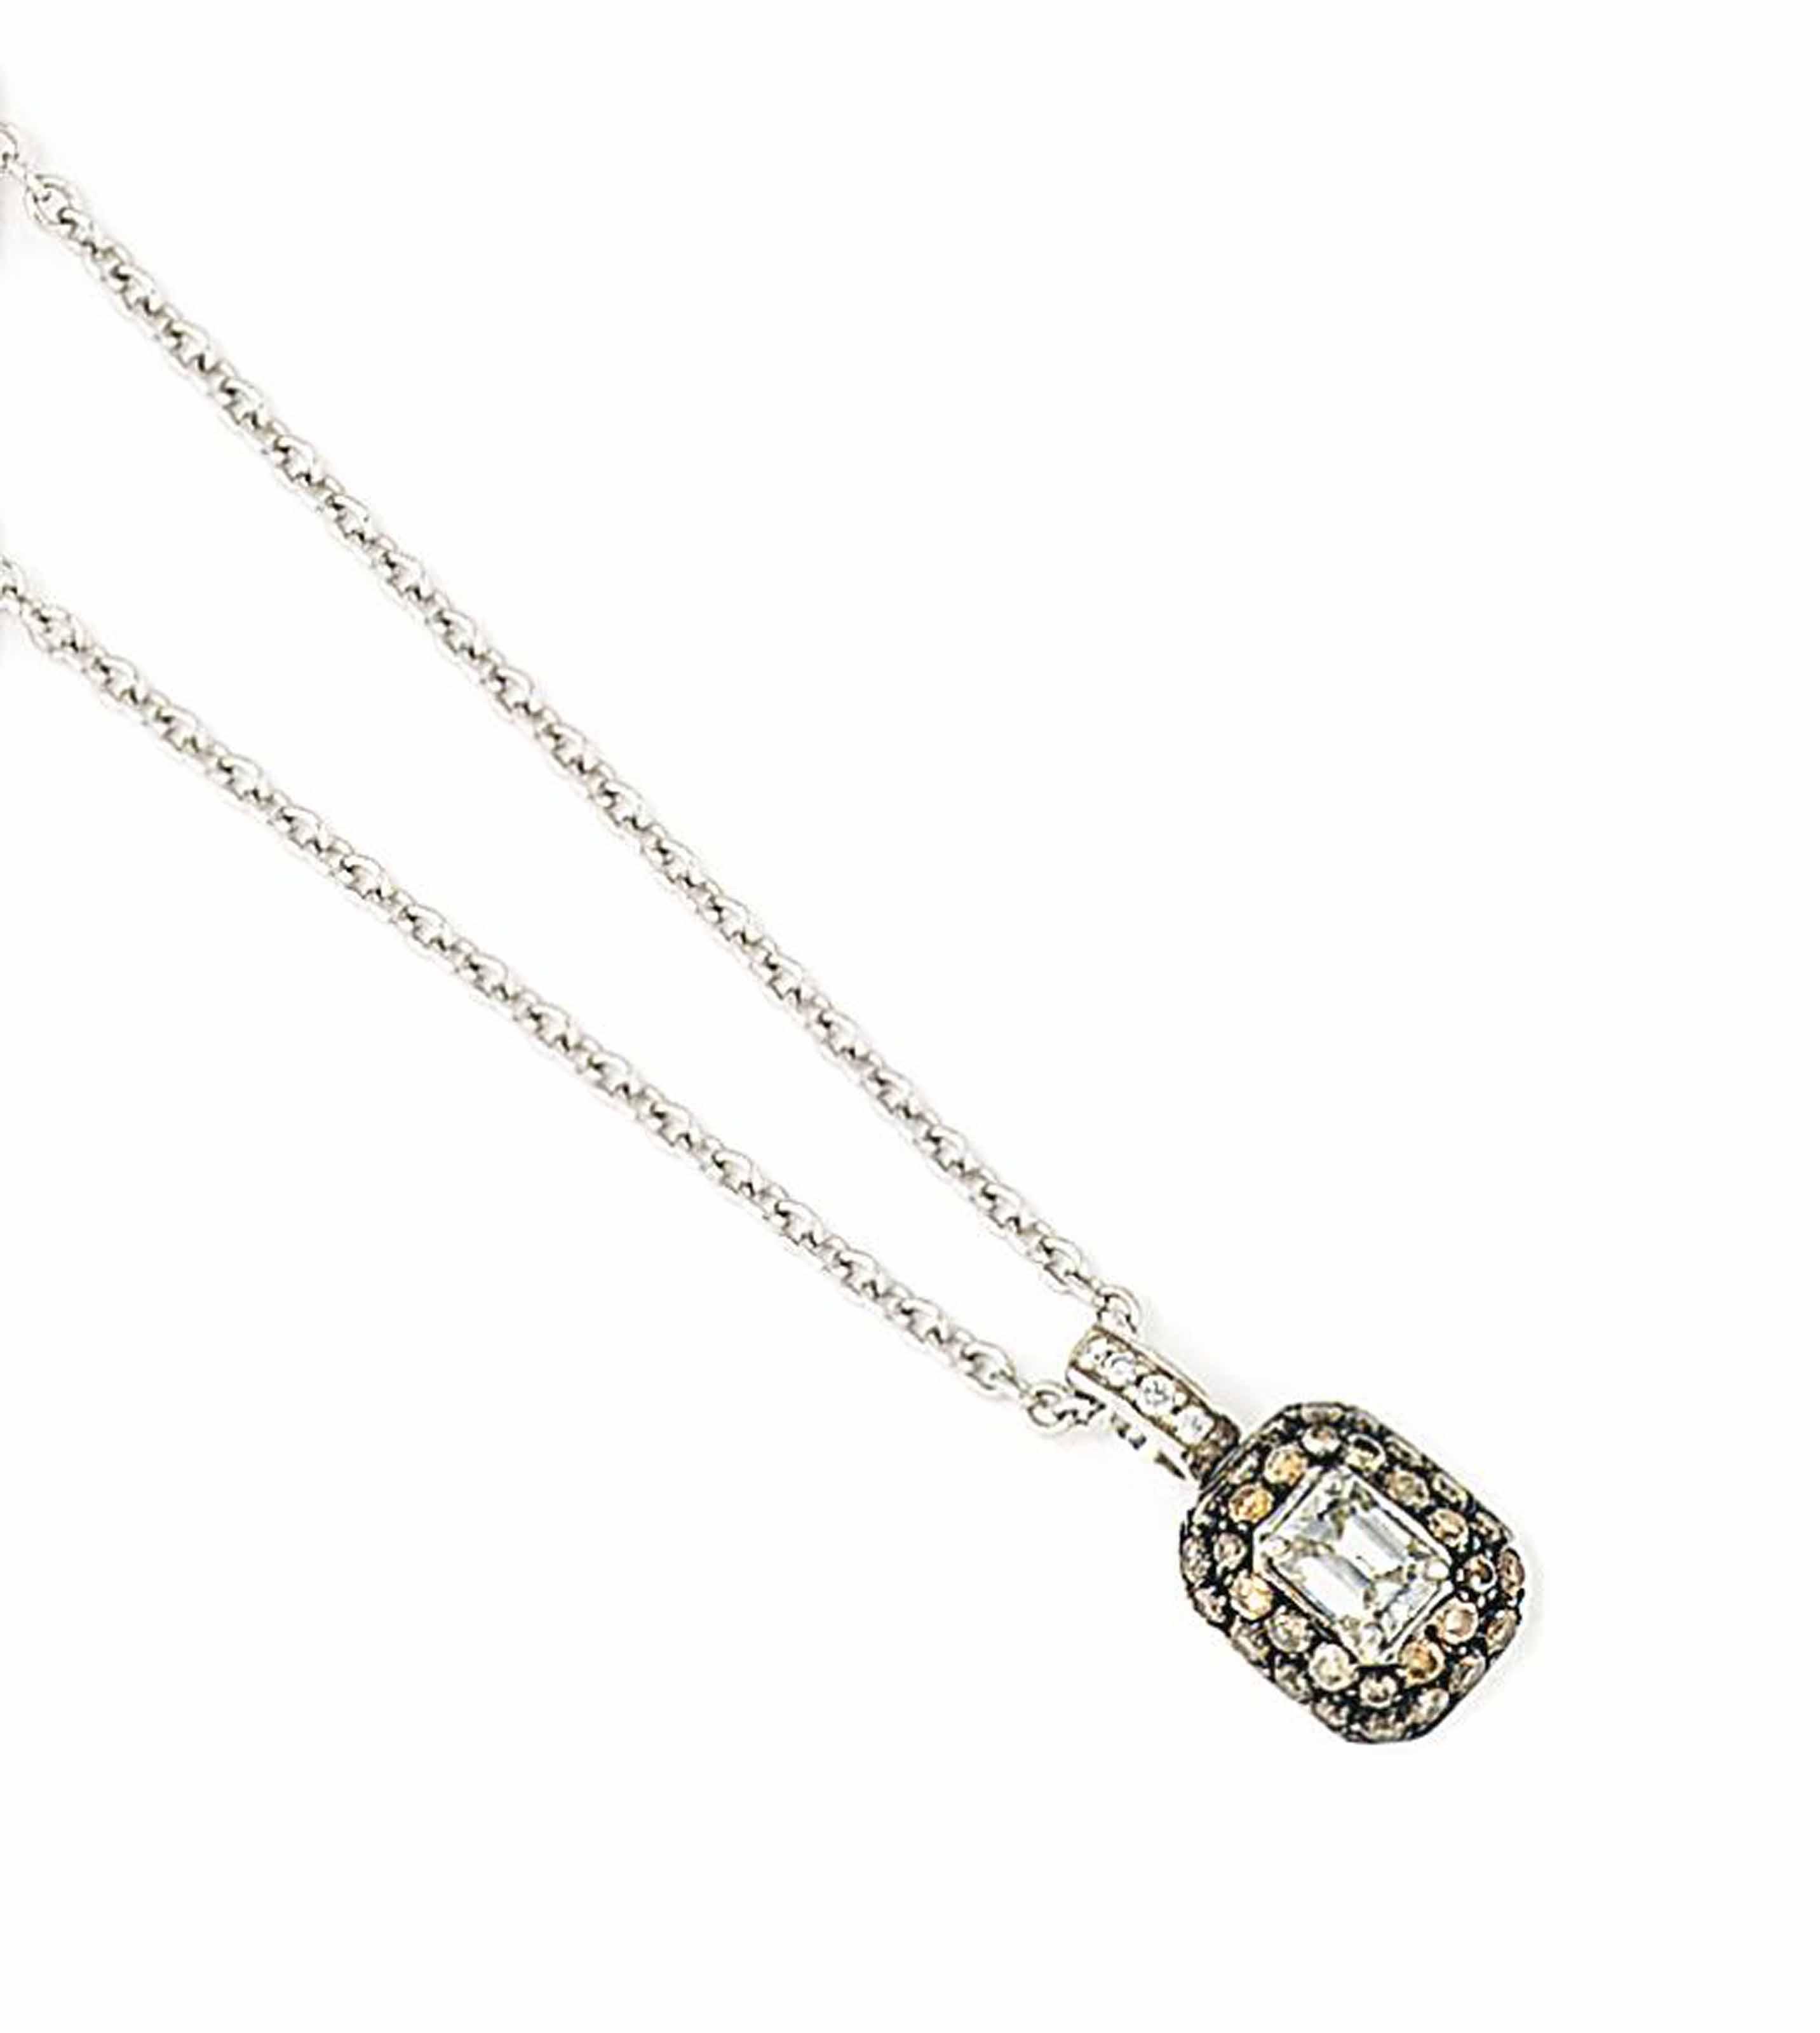 A DIAMOND-SET PENDANT, BY CHAT